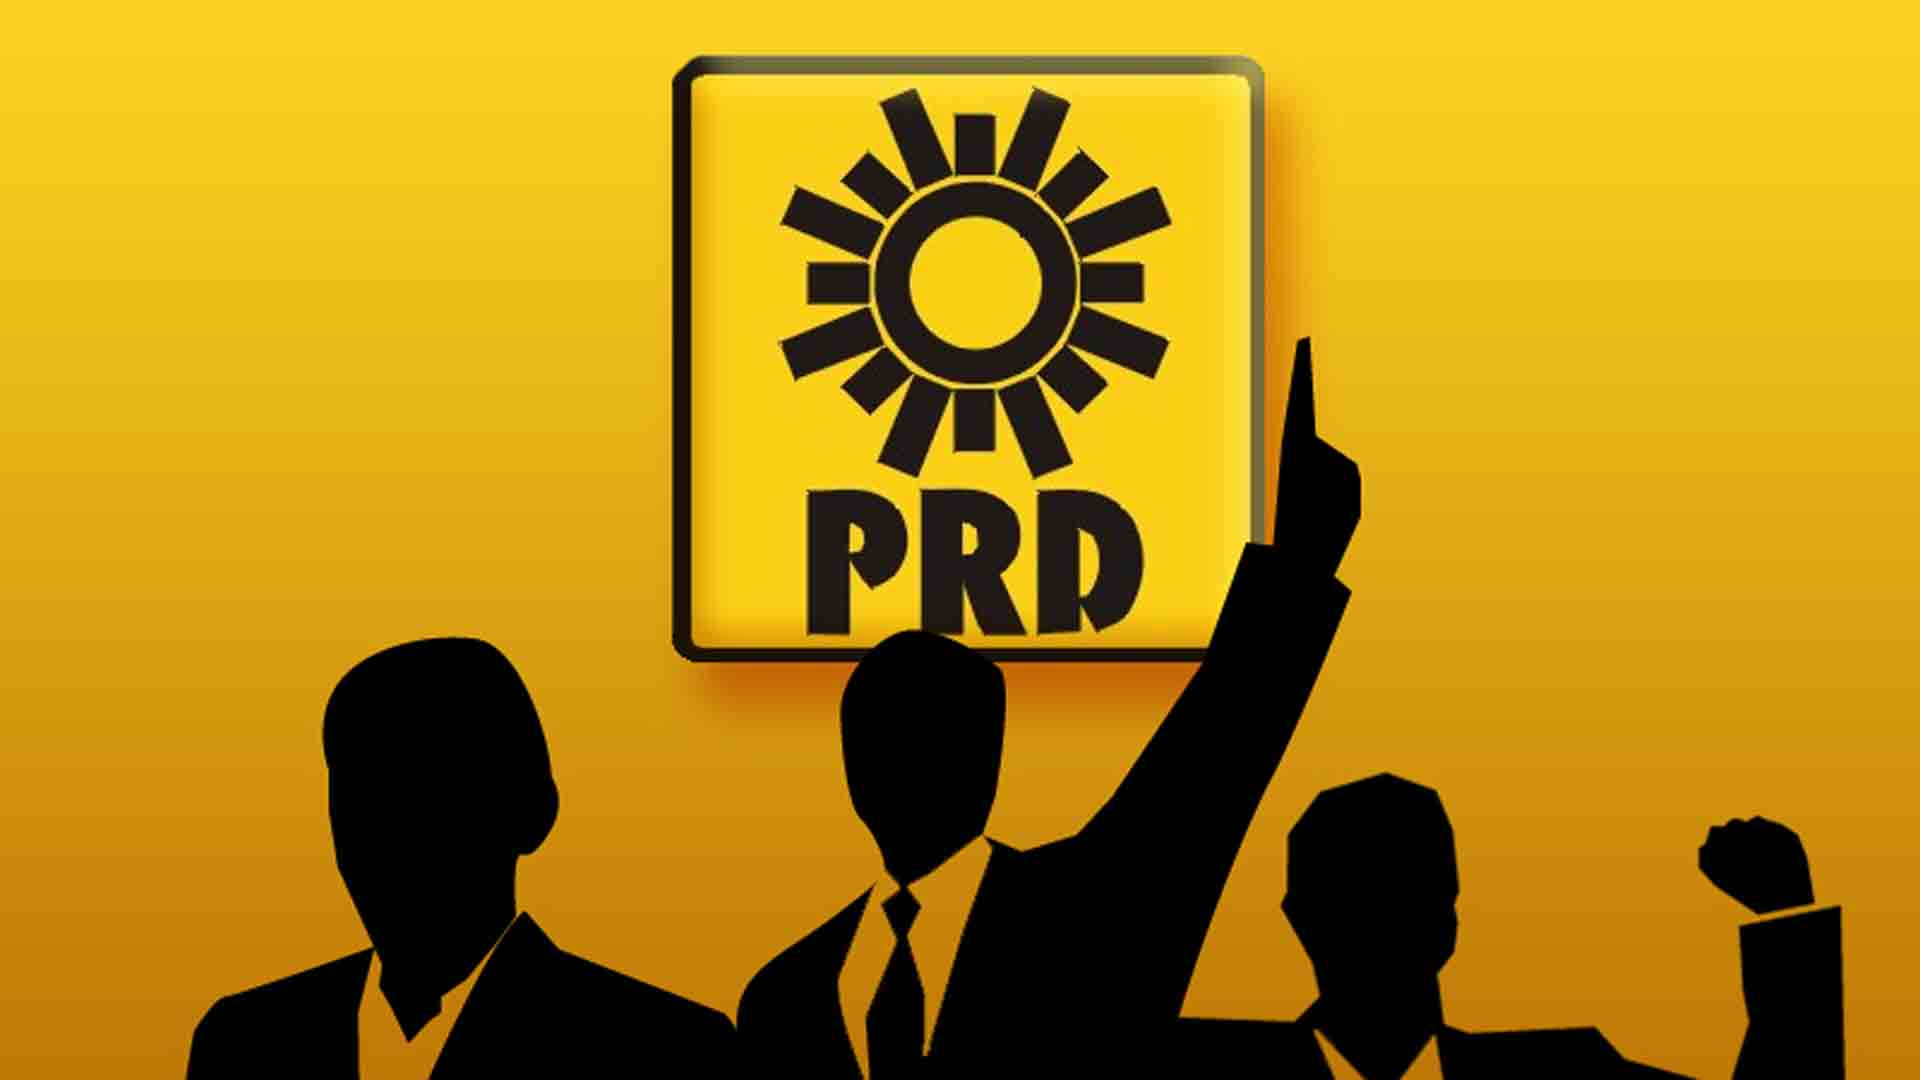 Llama PRD a marchar contra resultados de la elección